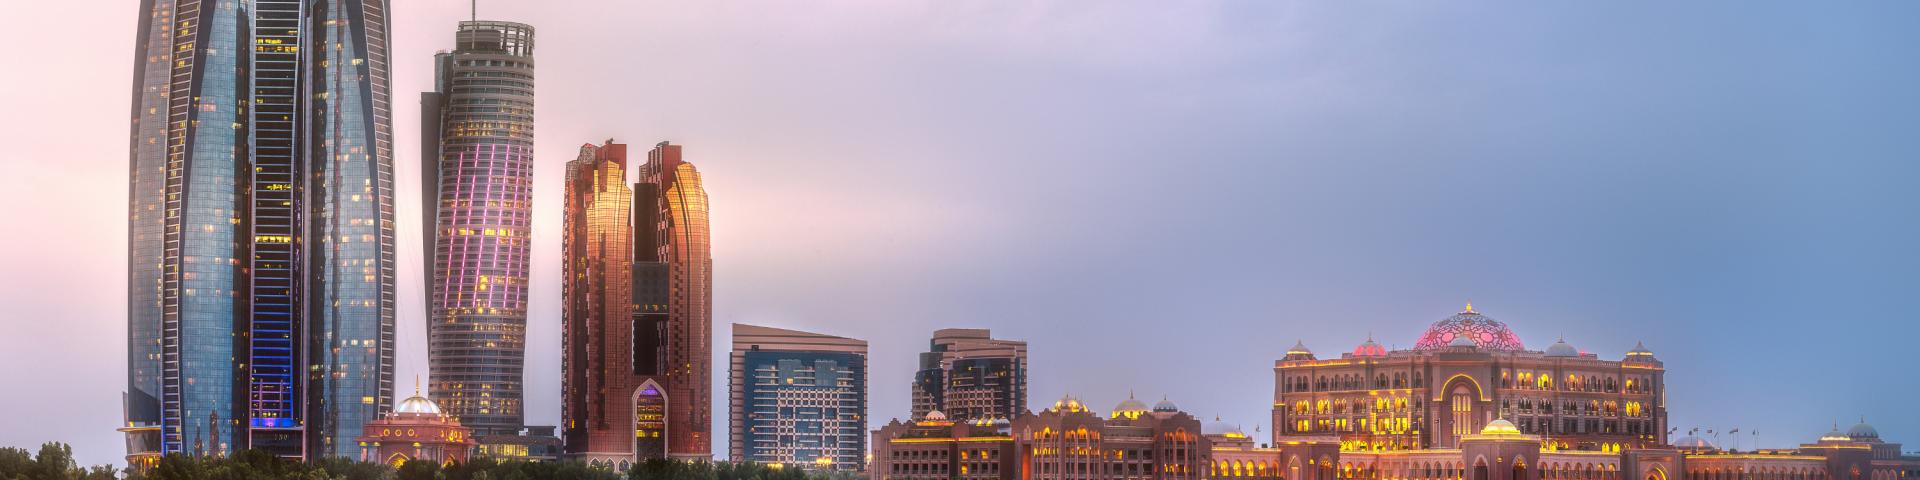 Abu Dhabi oder Dubai - Was passt zu Ihnen?